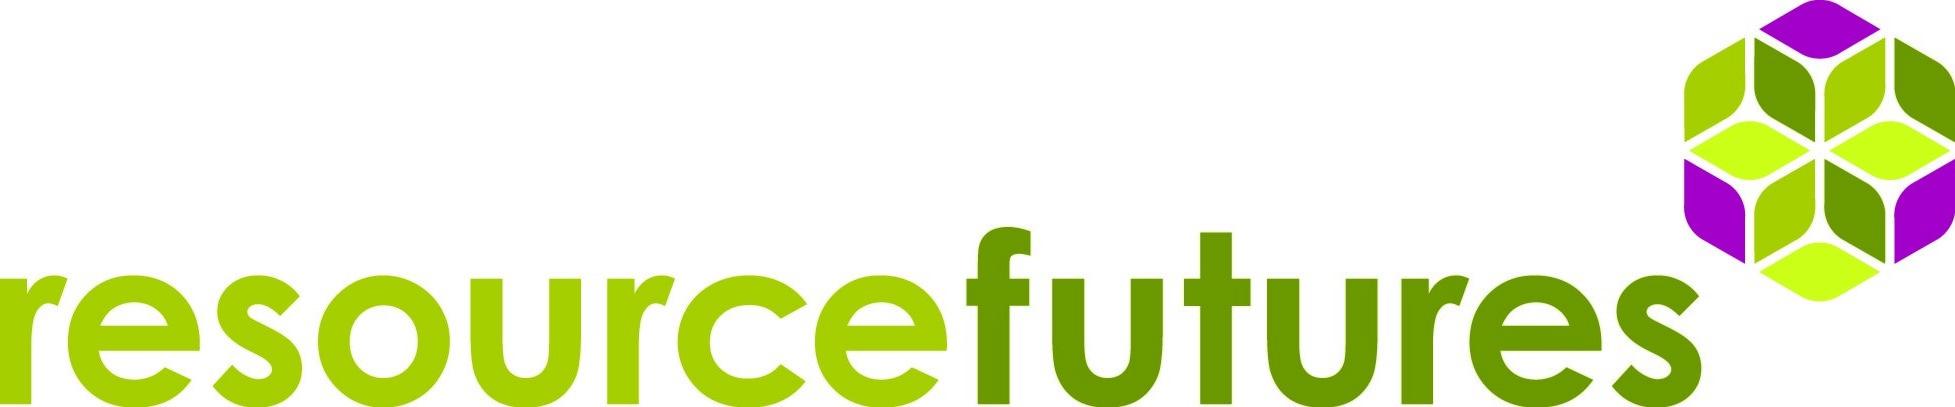 Res_Futures_logo_colour.jpg